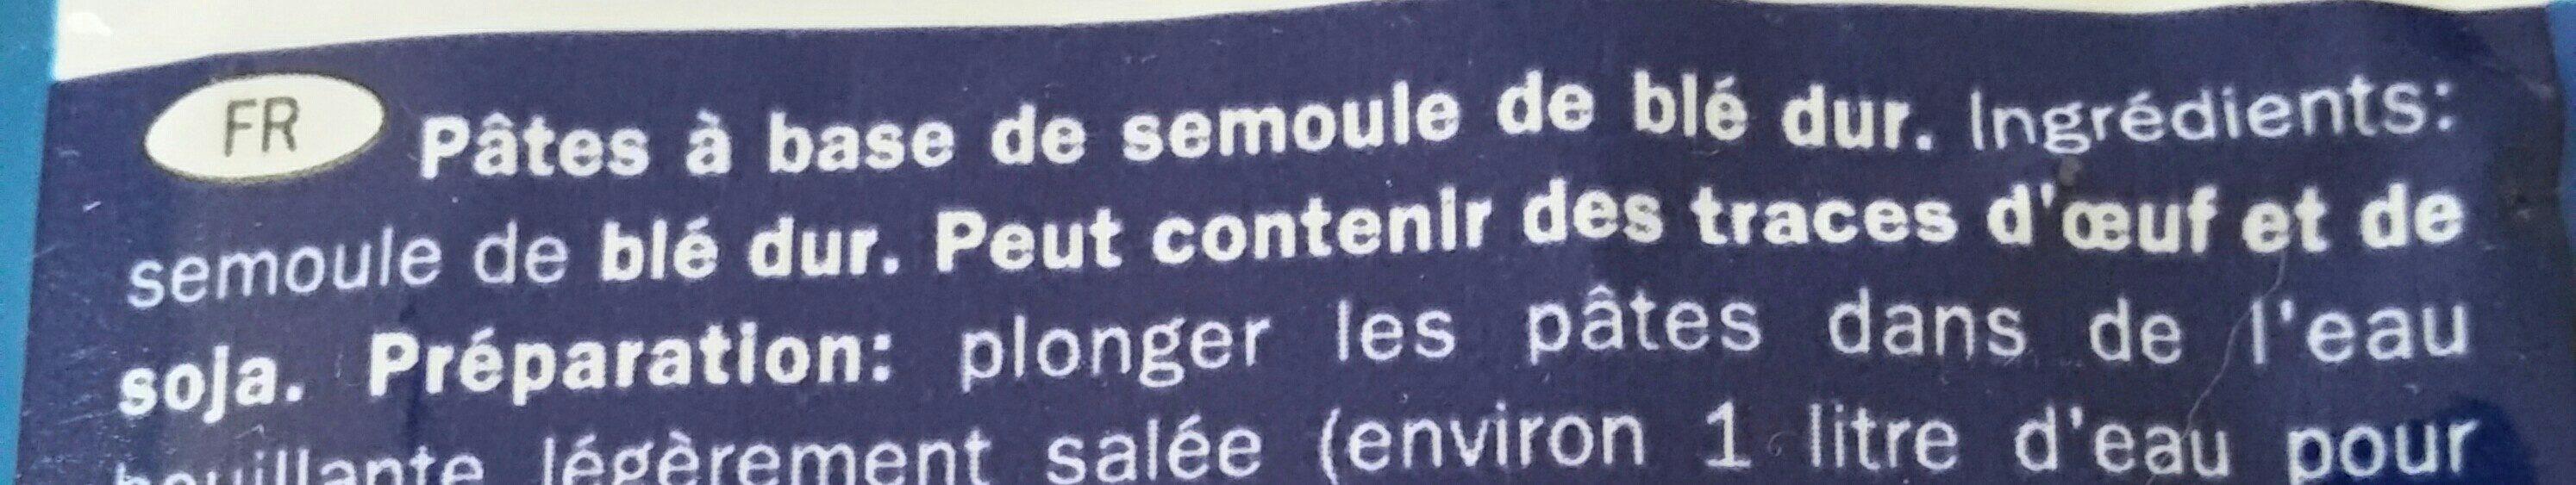 Pipe Rigate COMBINO (LIDL) - Ingrediënten - fr